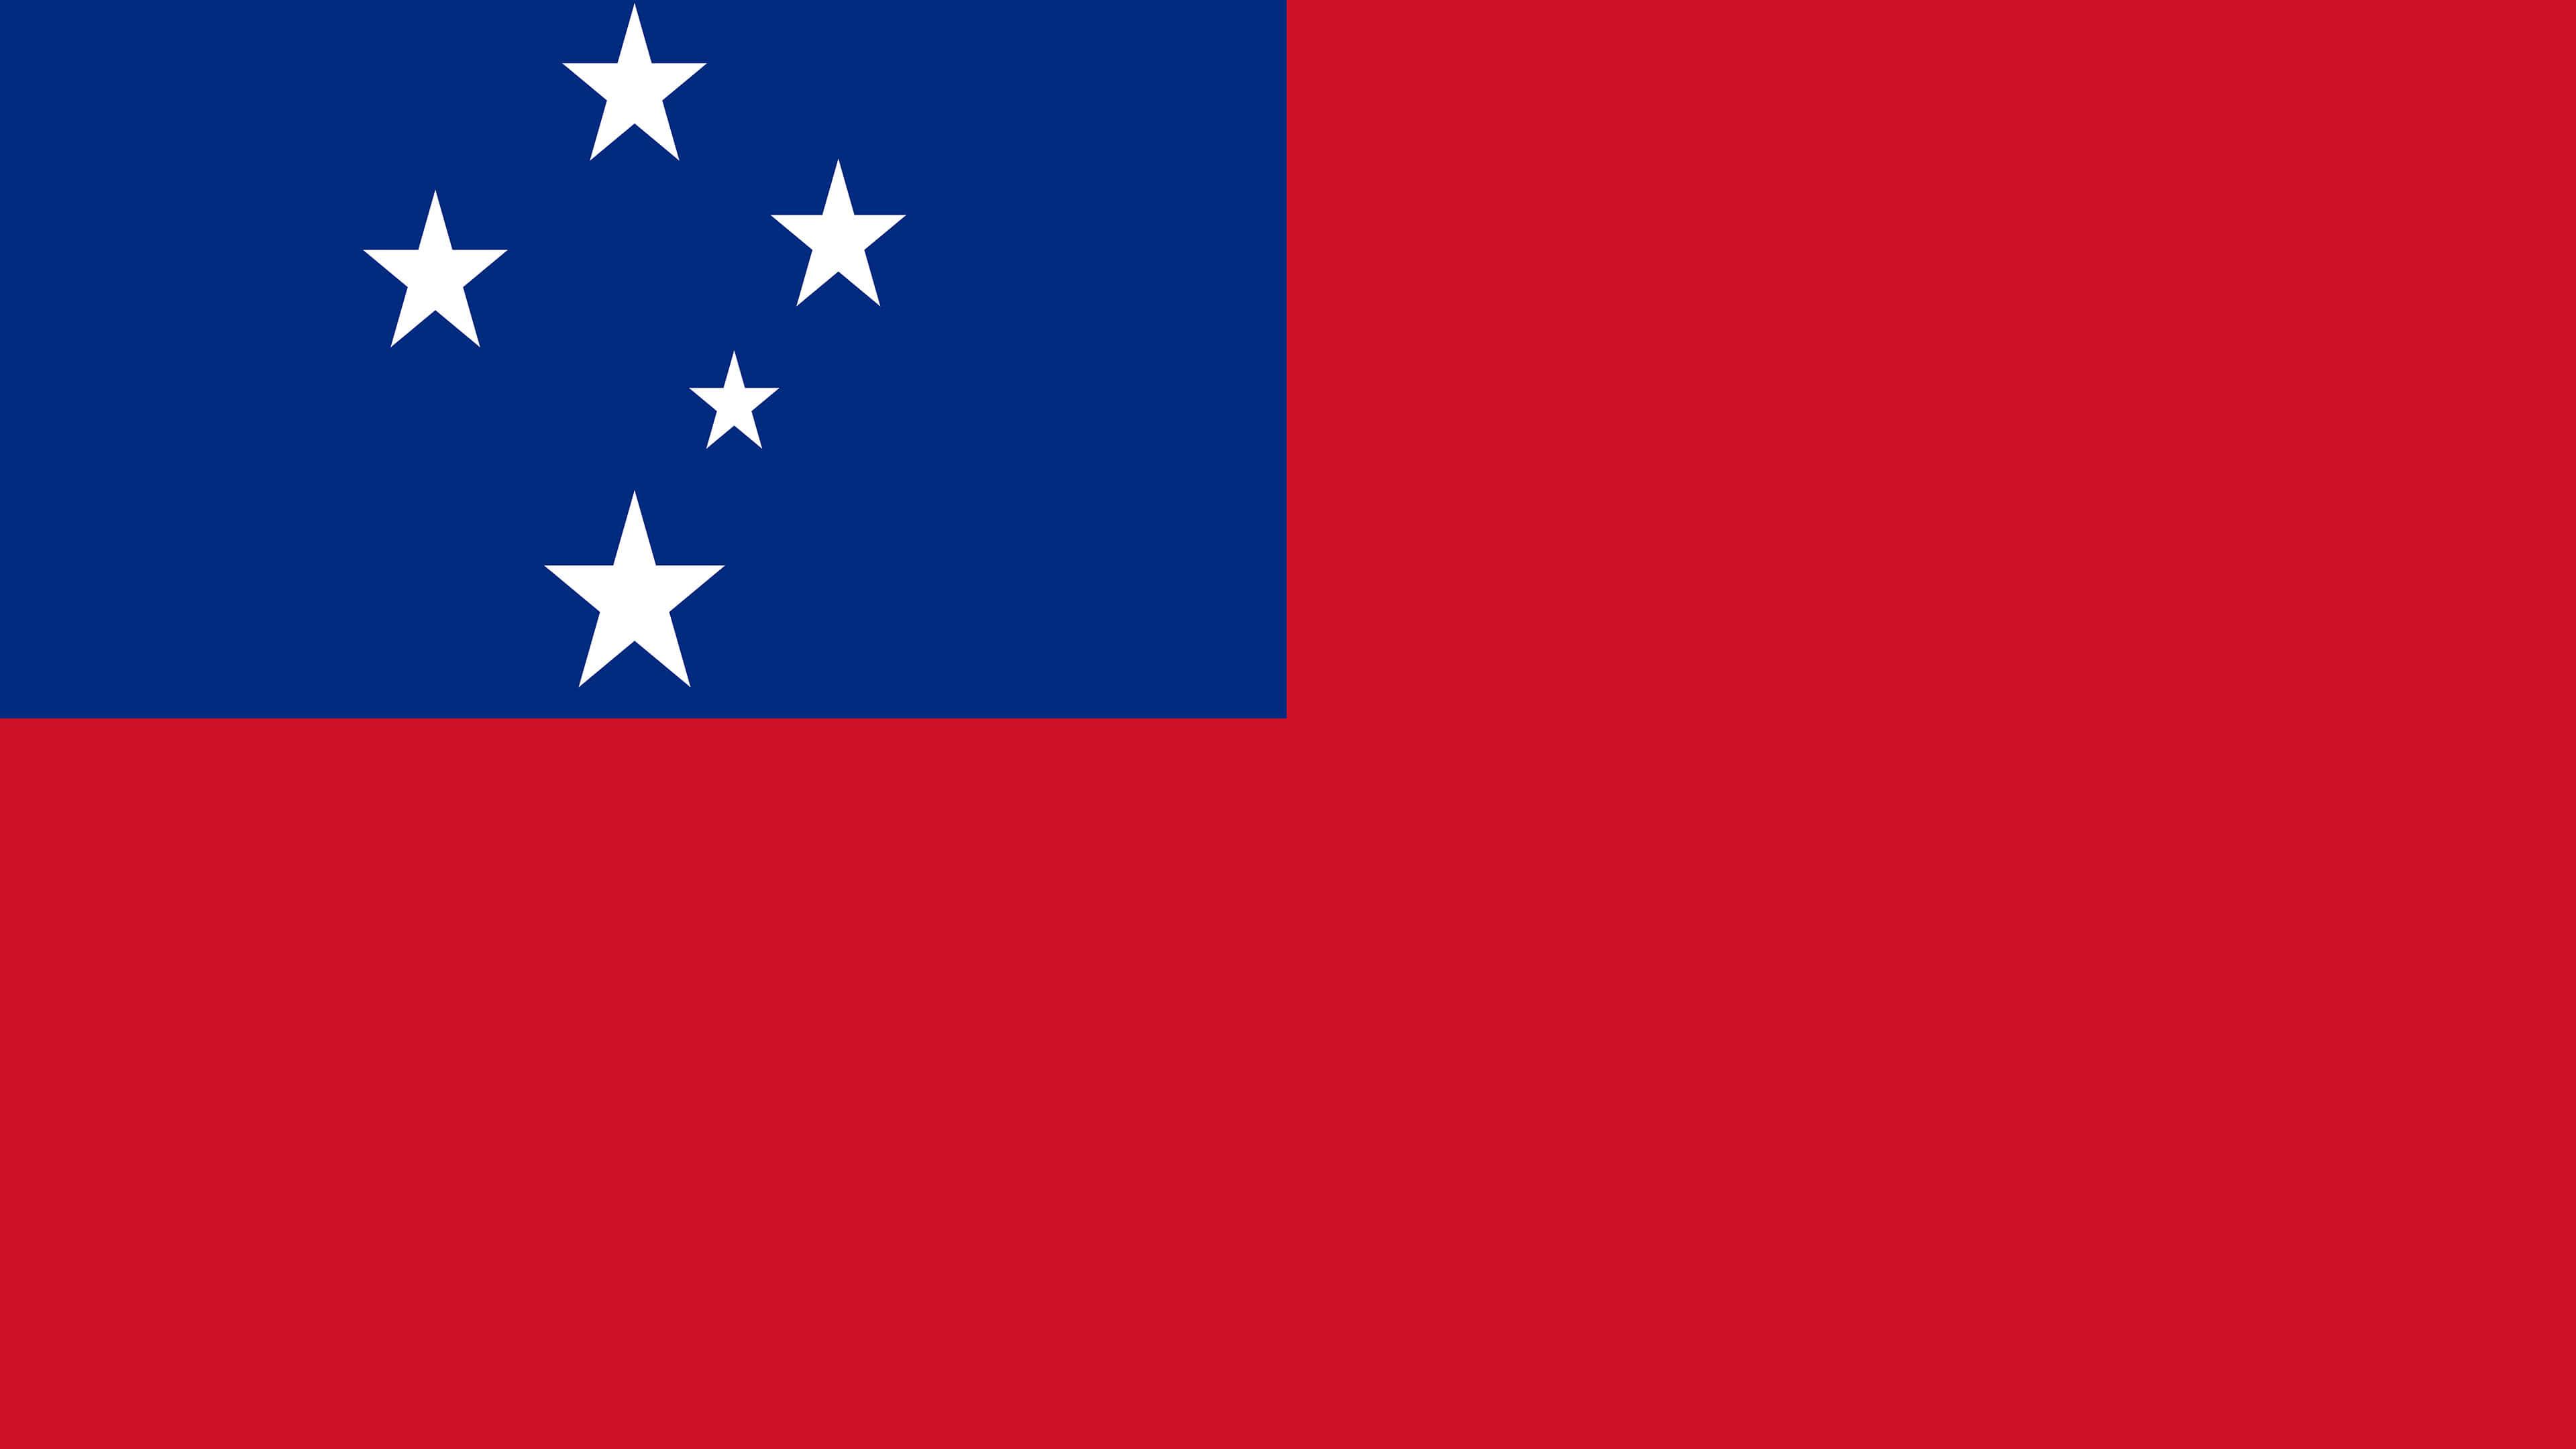 samoa flag uhd 4k wallpaper